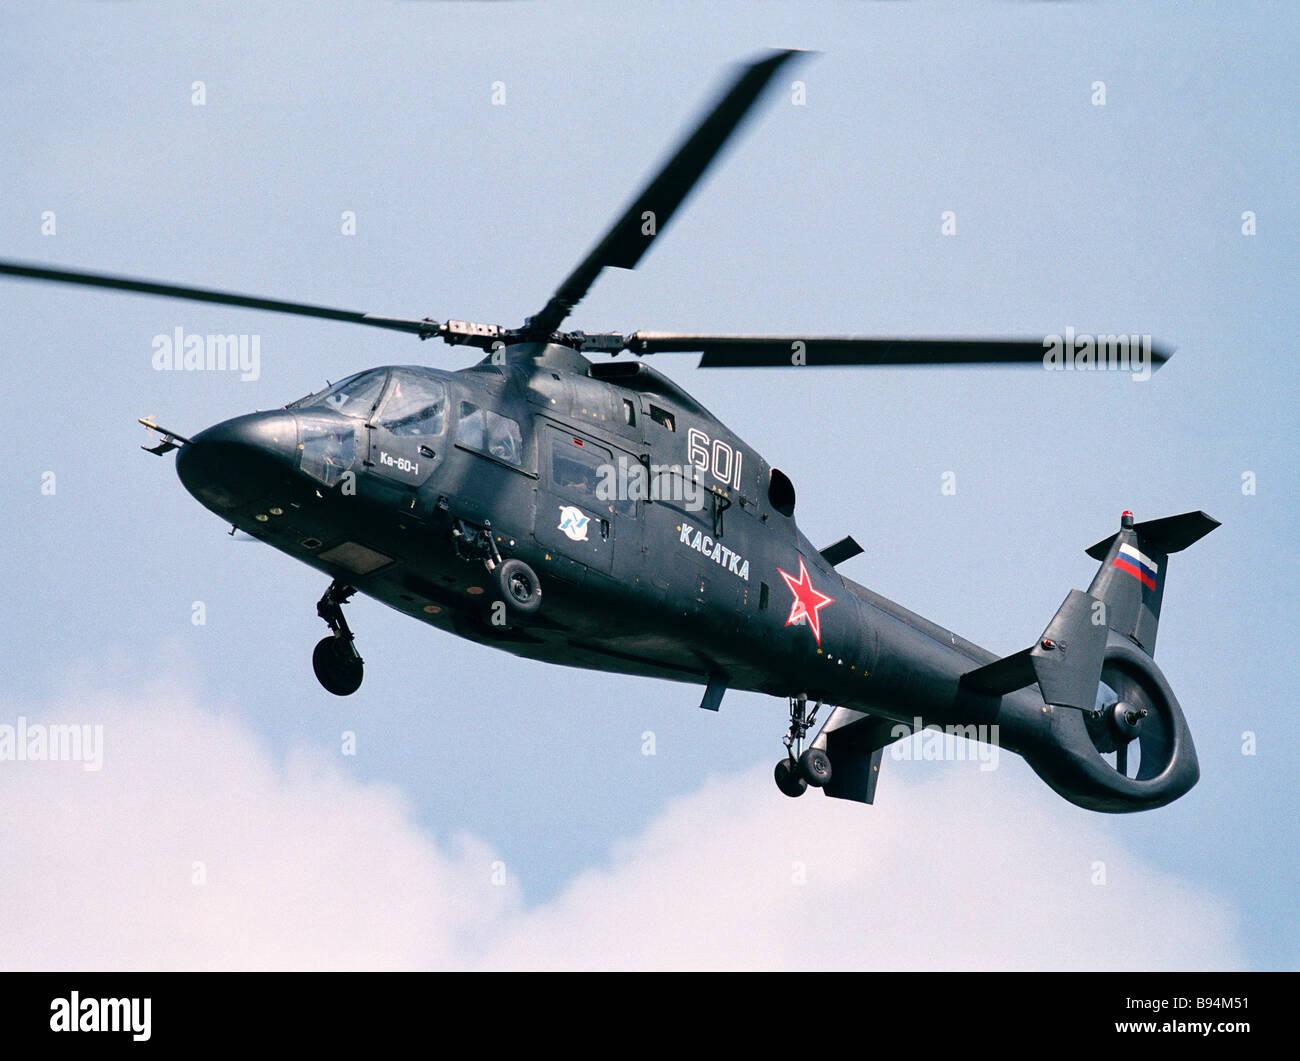 The Ka 60 Kasatka helicopter - Stock Image